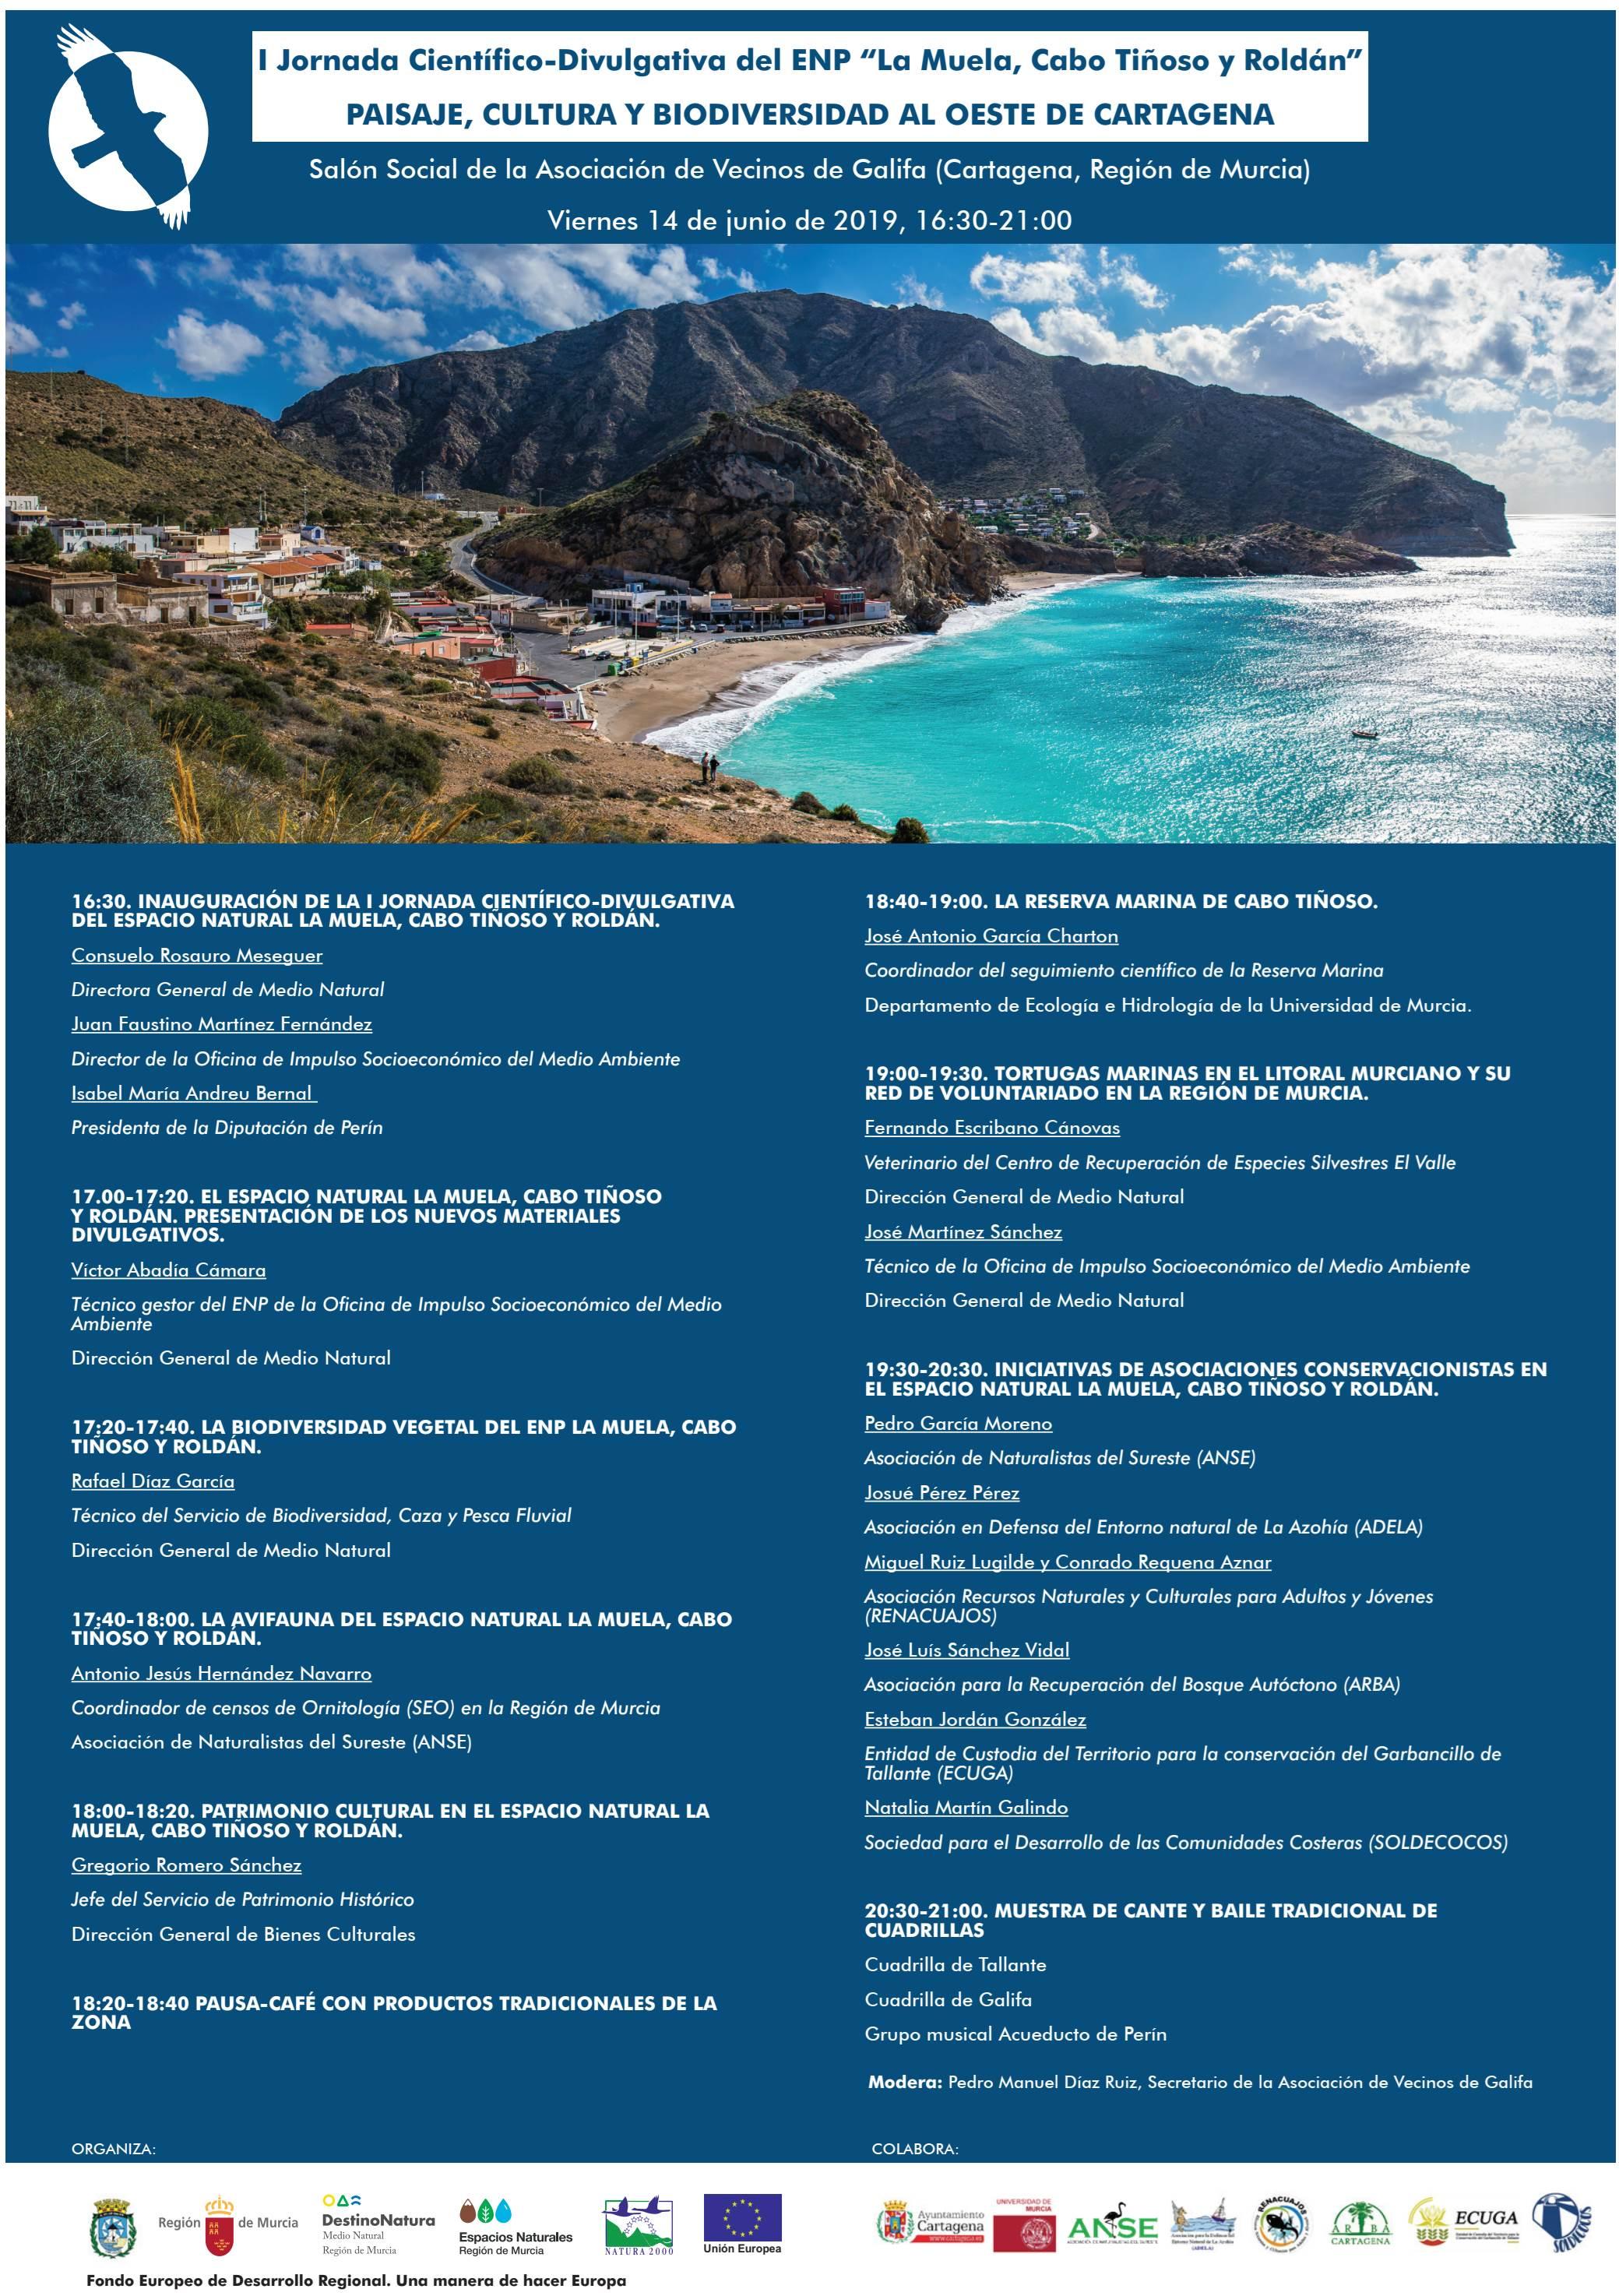 I Jornada Científico-Divulgativa del ENP La Muela, Cabo Tiñoso y Roldán